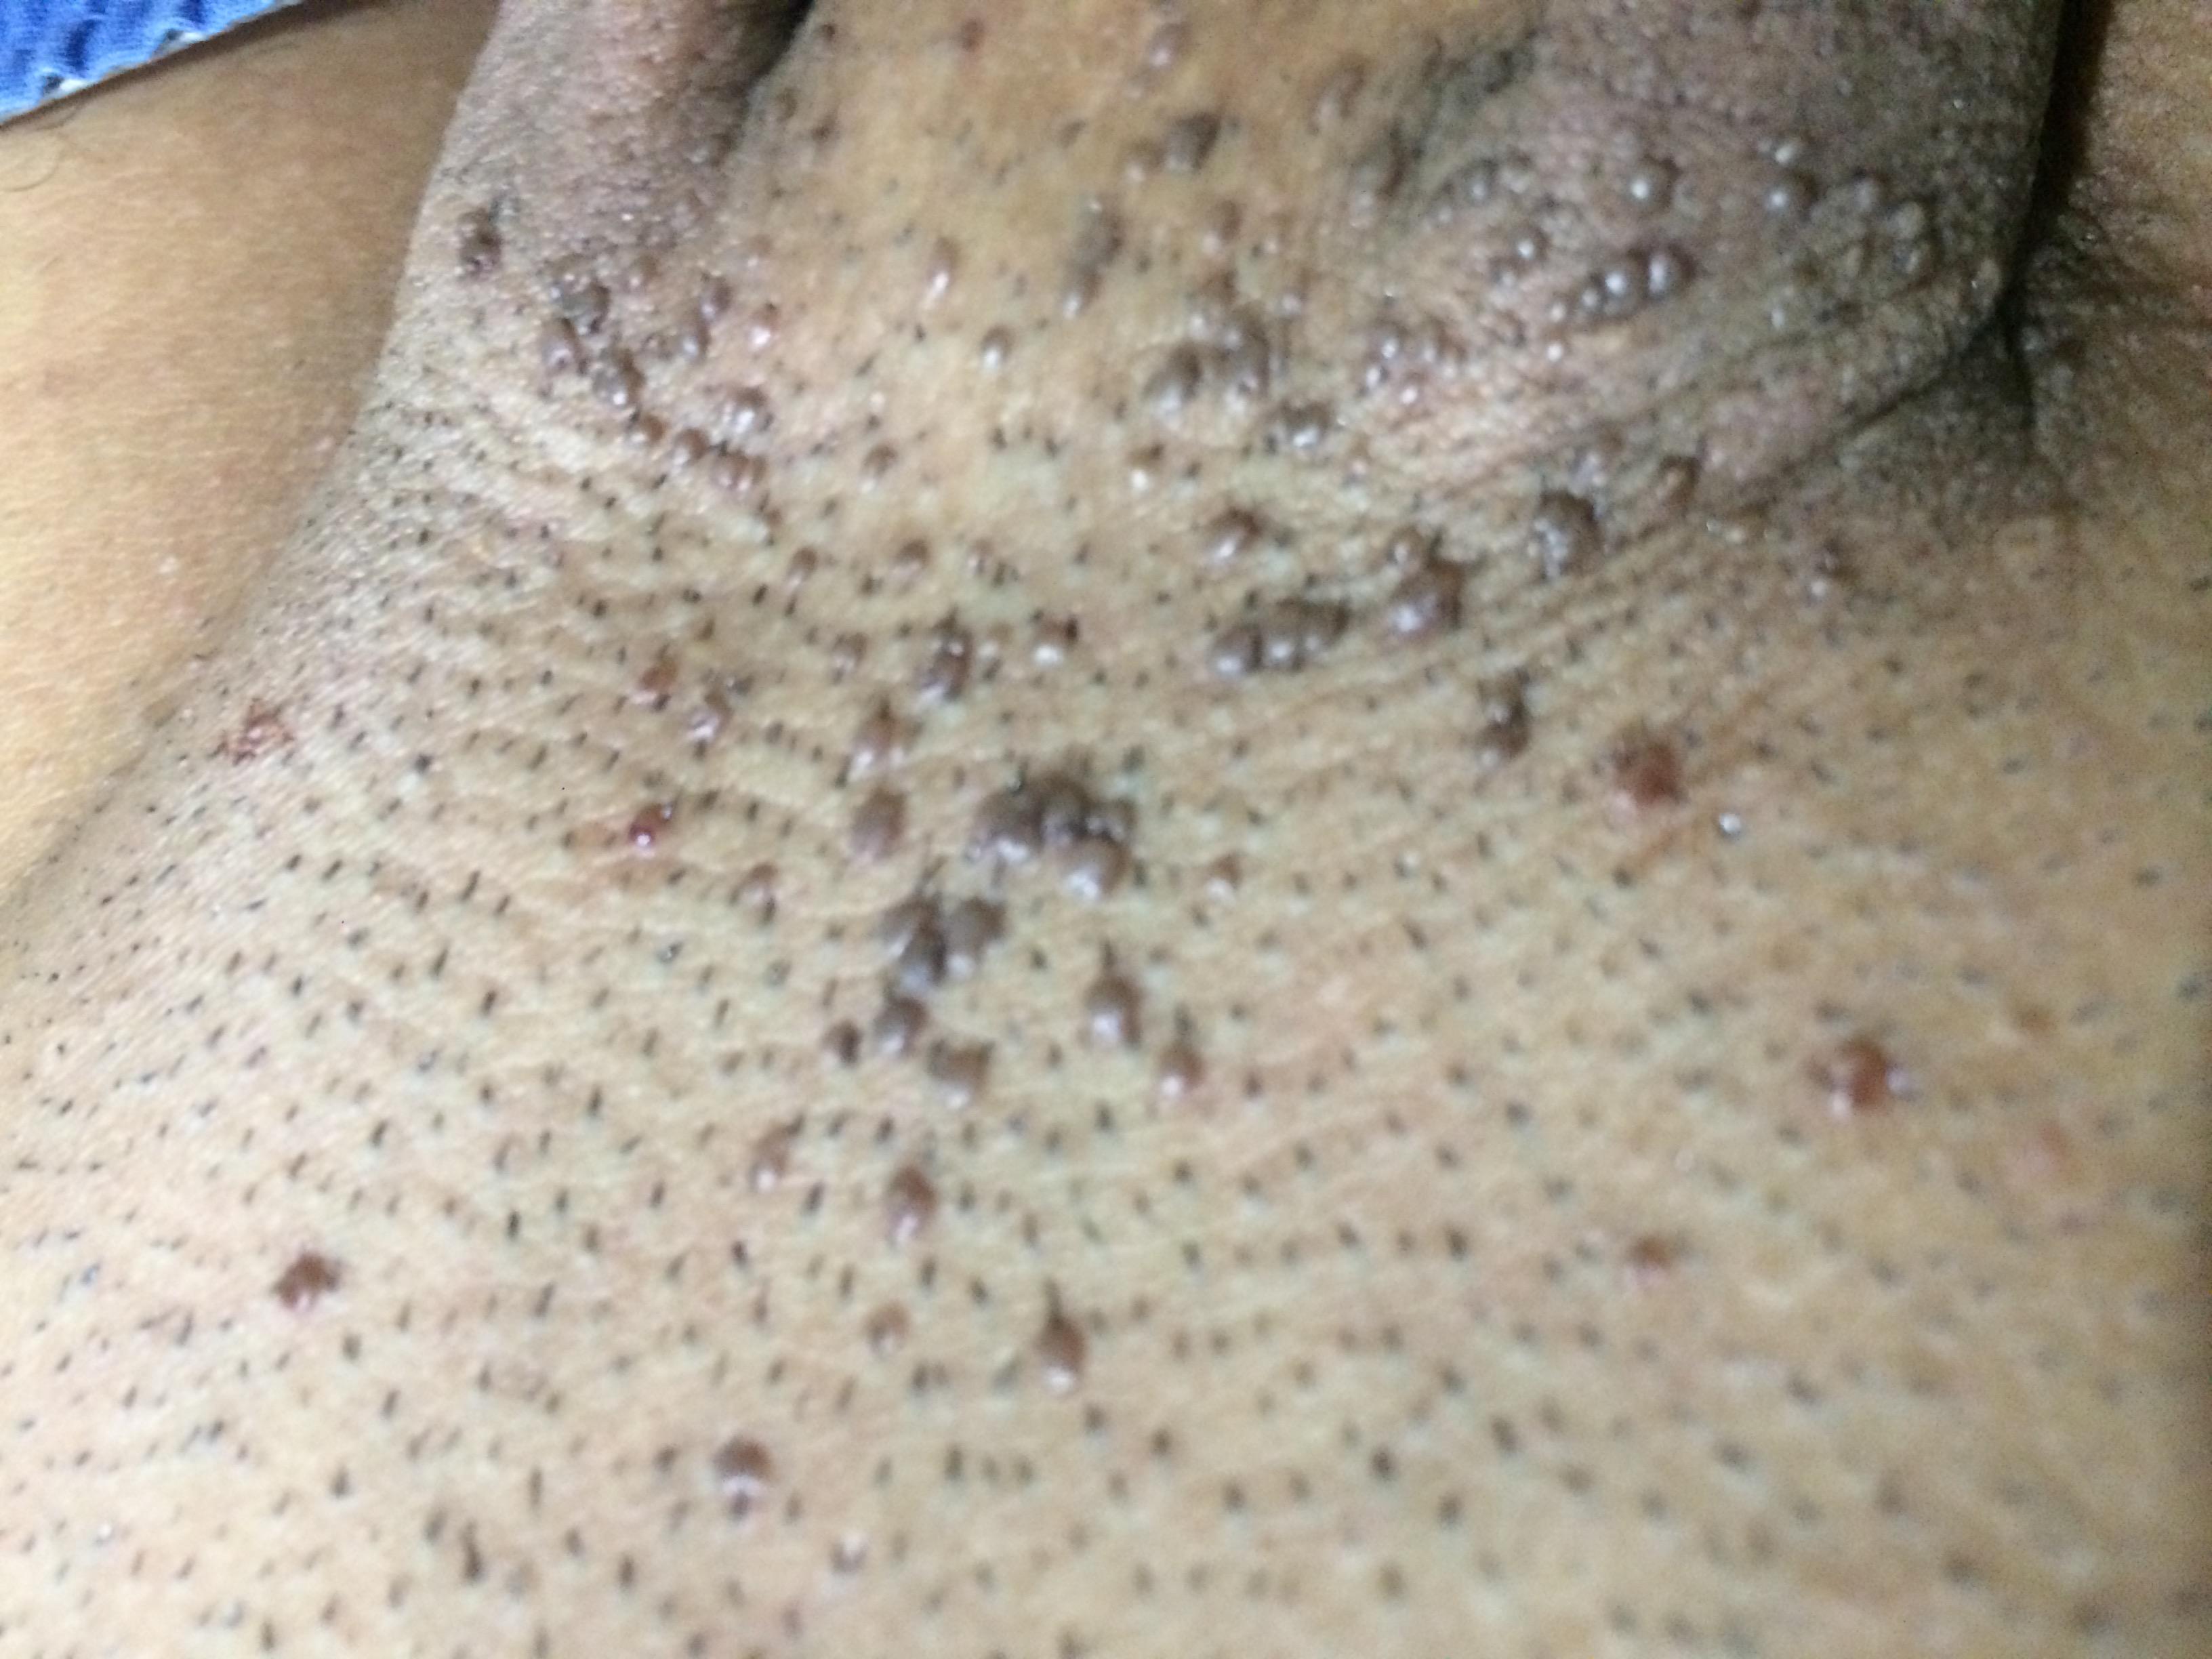 Raised mole on penis